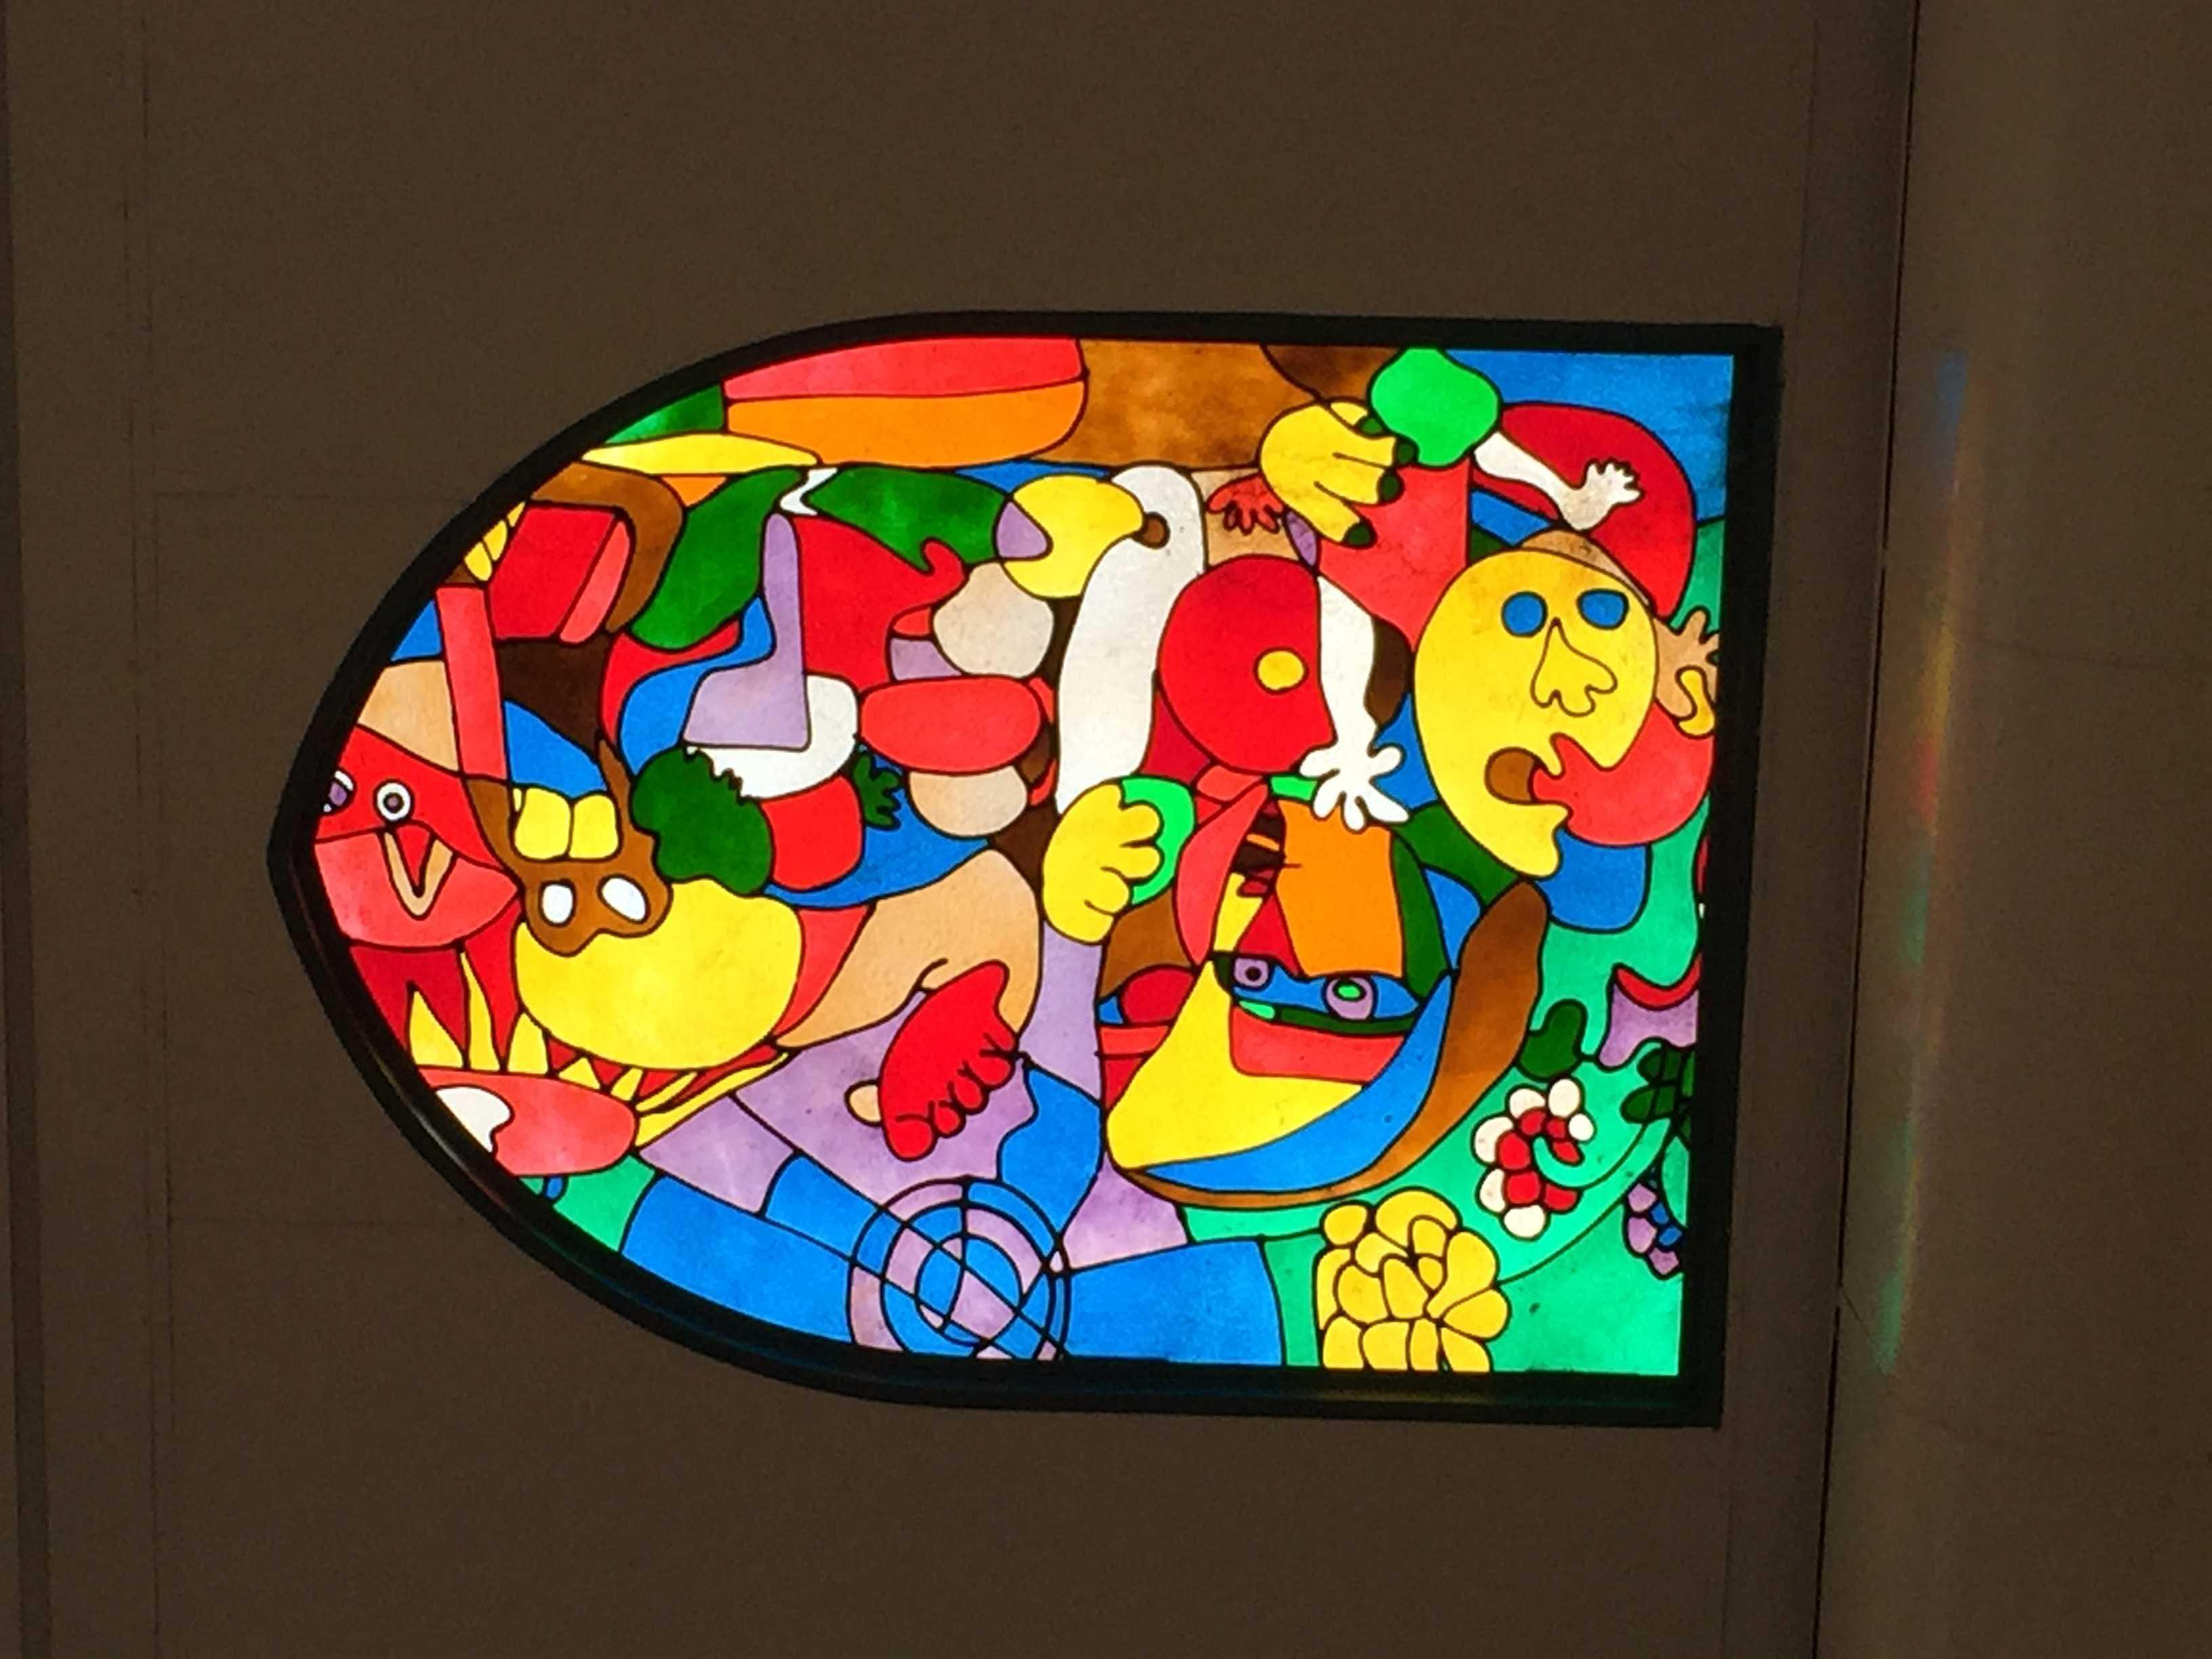 銀柳街のアーケードの天井にあったステンドグラス